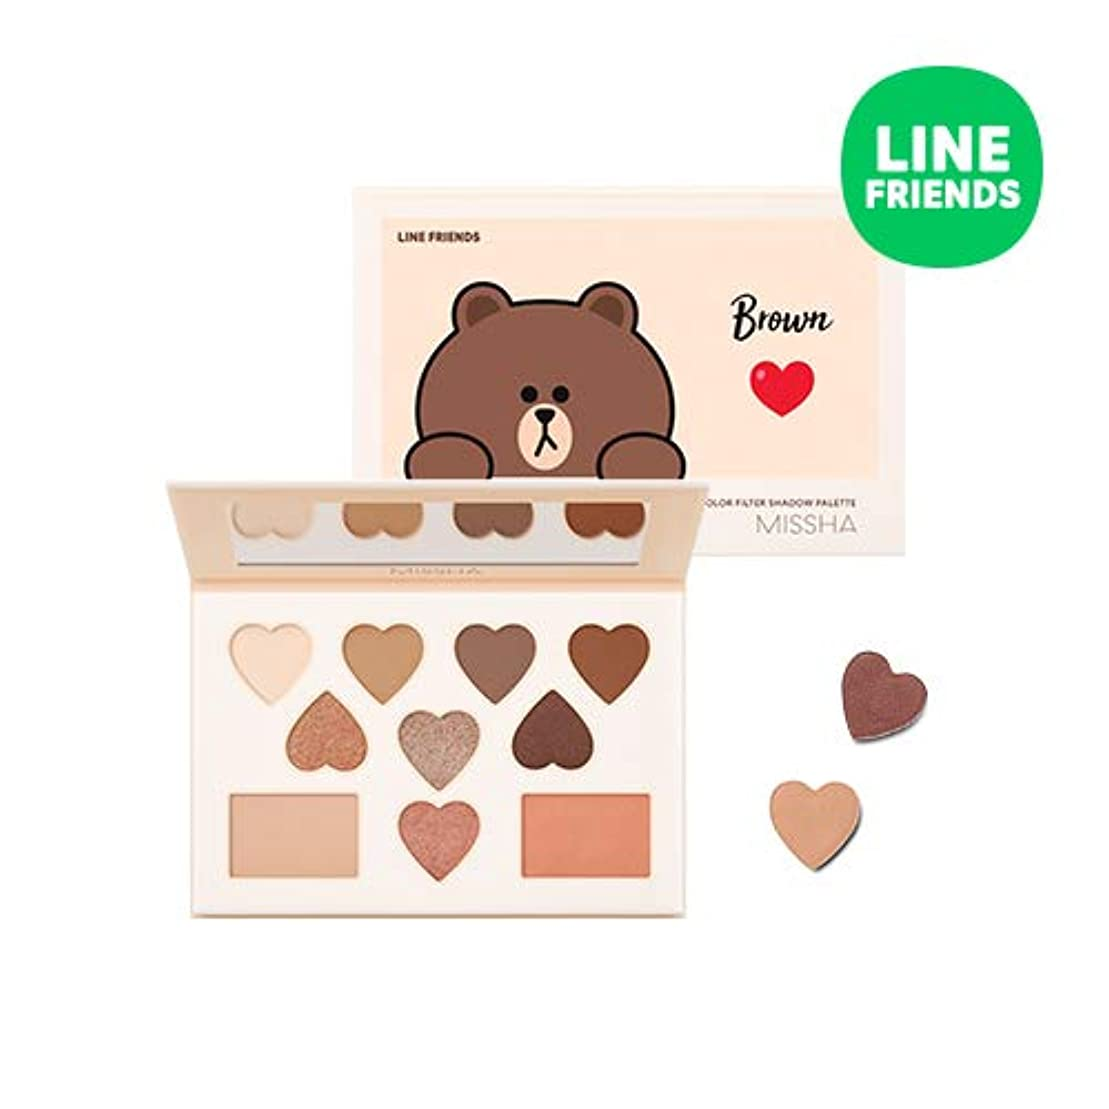 流産些細移住するミシャ[ラインフレンズエディション] カラー フィルター シャドウ パレット MISSHA [Line Friends Edition] Color Filter Shadow Palette #5. Brown [並行輸入品]